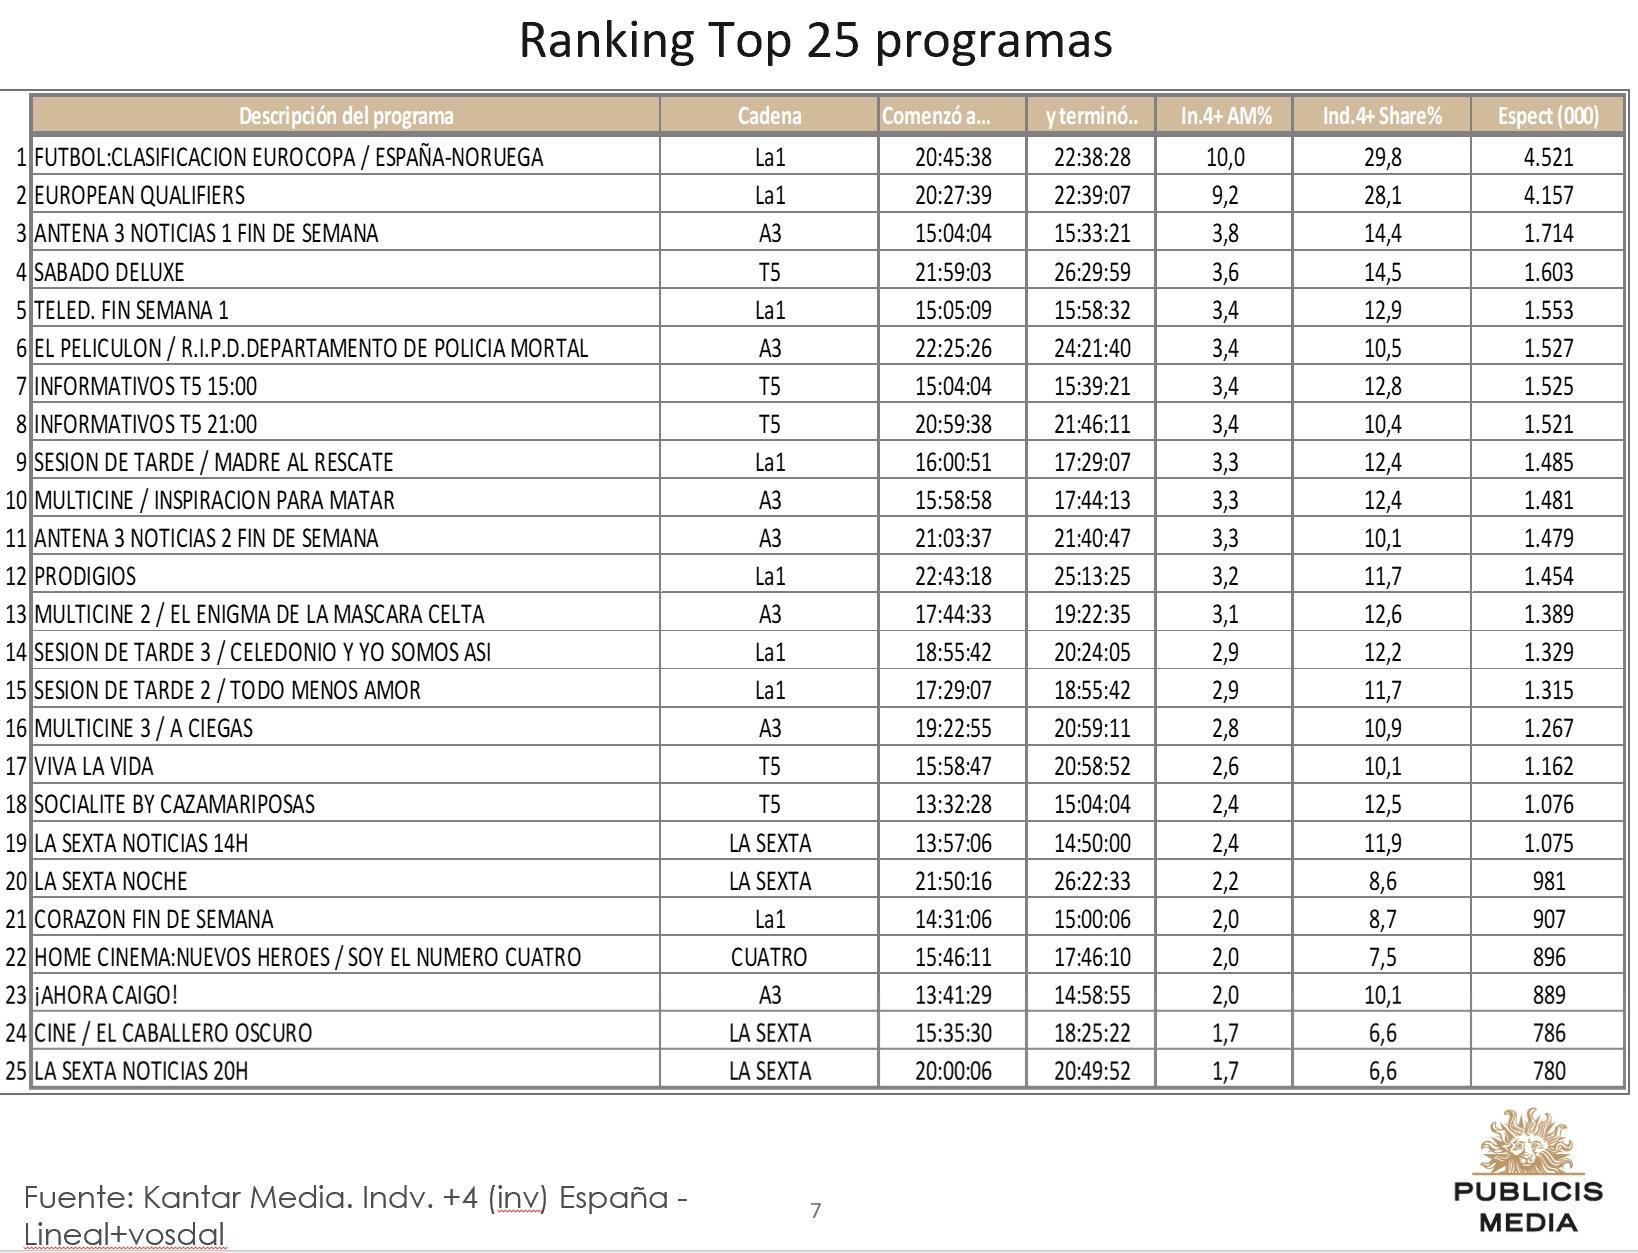 https://www.programapublicidad.com/wp-content/uploads/2019/03/Top-25-Publicis-media-23-marzo-2019-programapublicidad-muy-grande.jpg